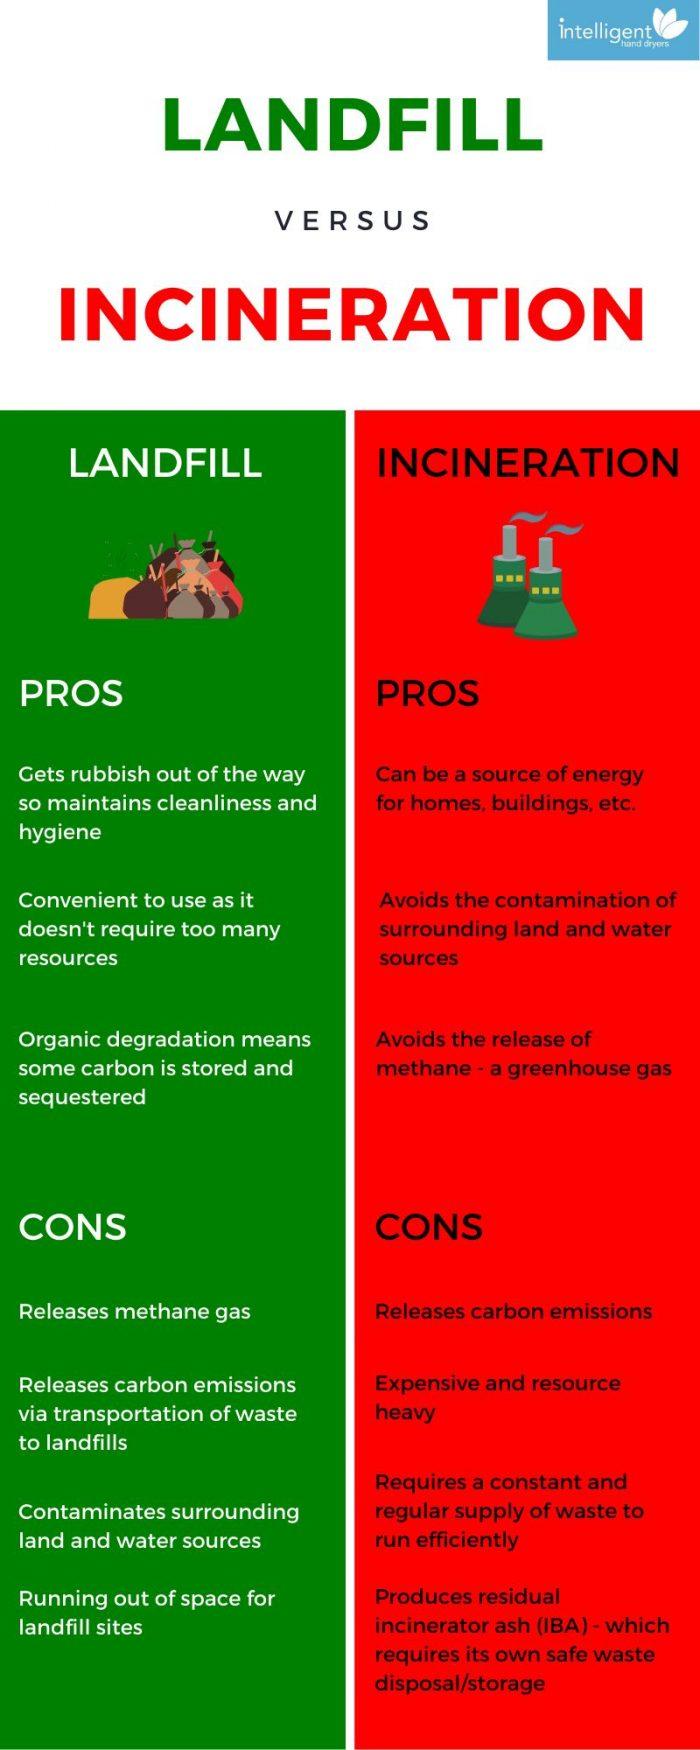 Landfill vs Incineration